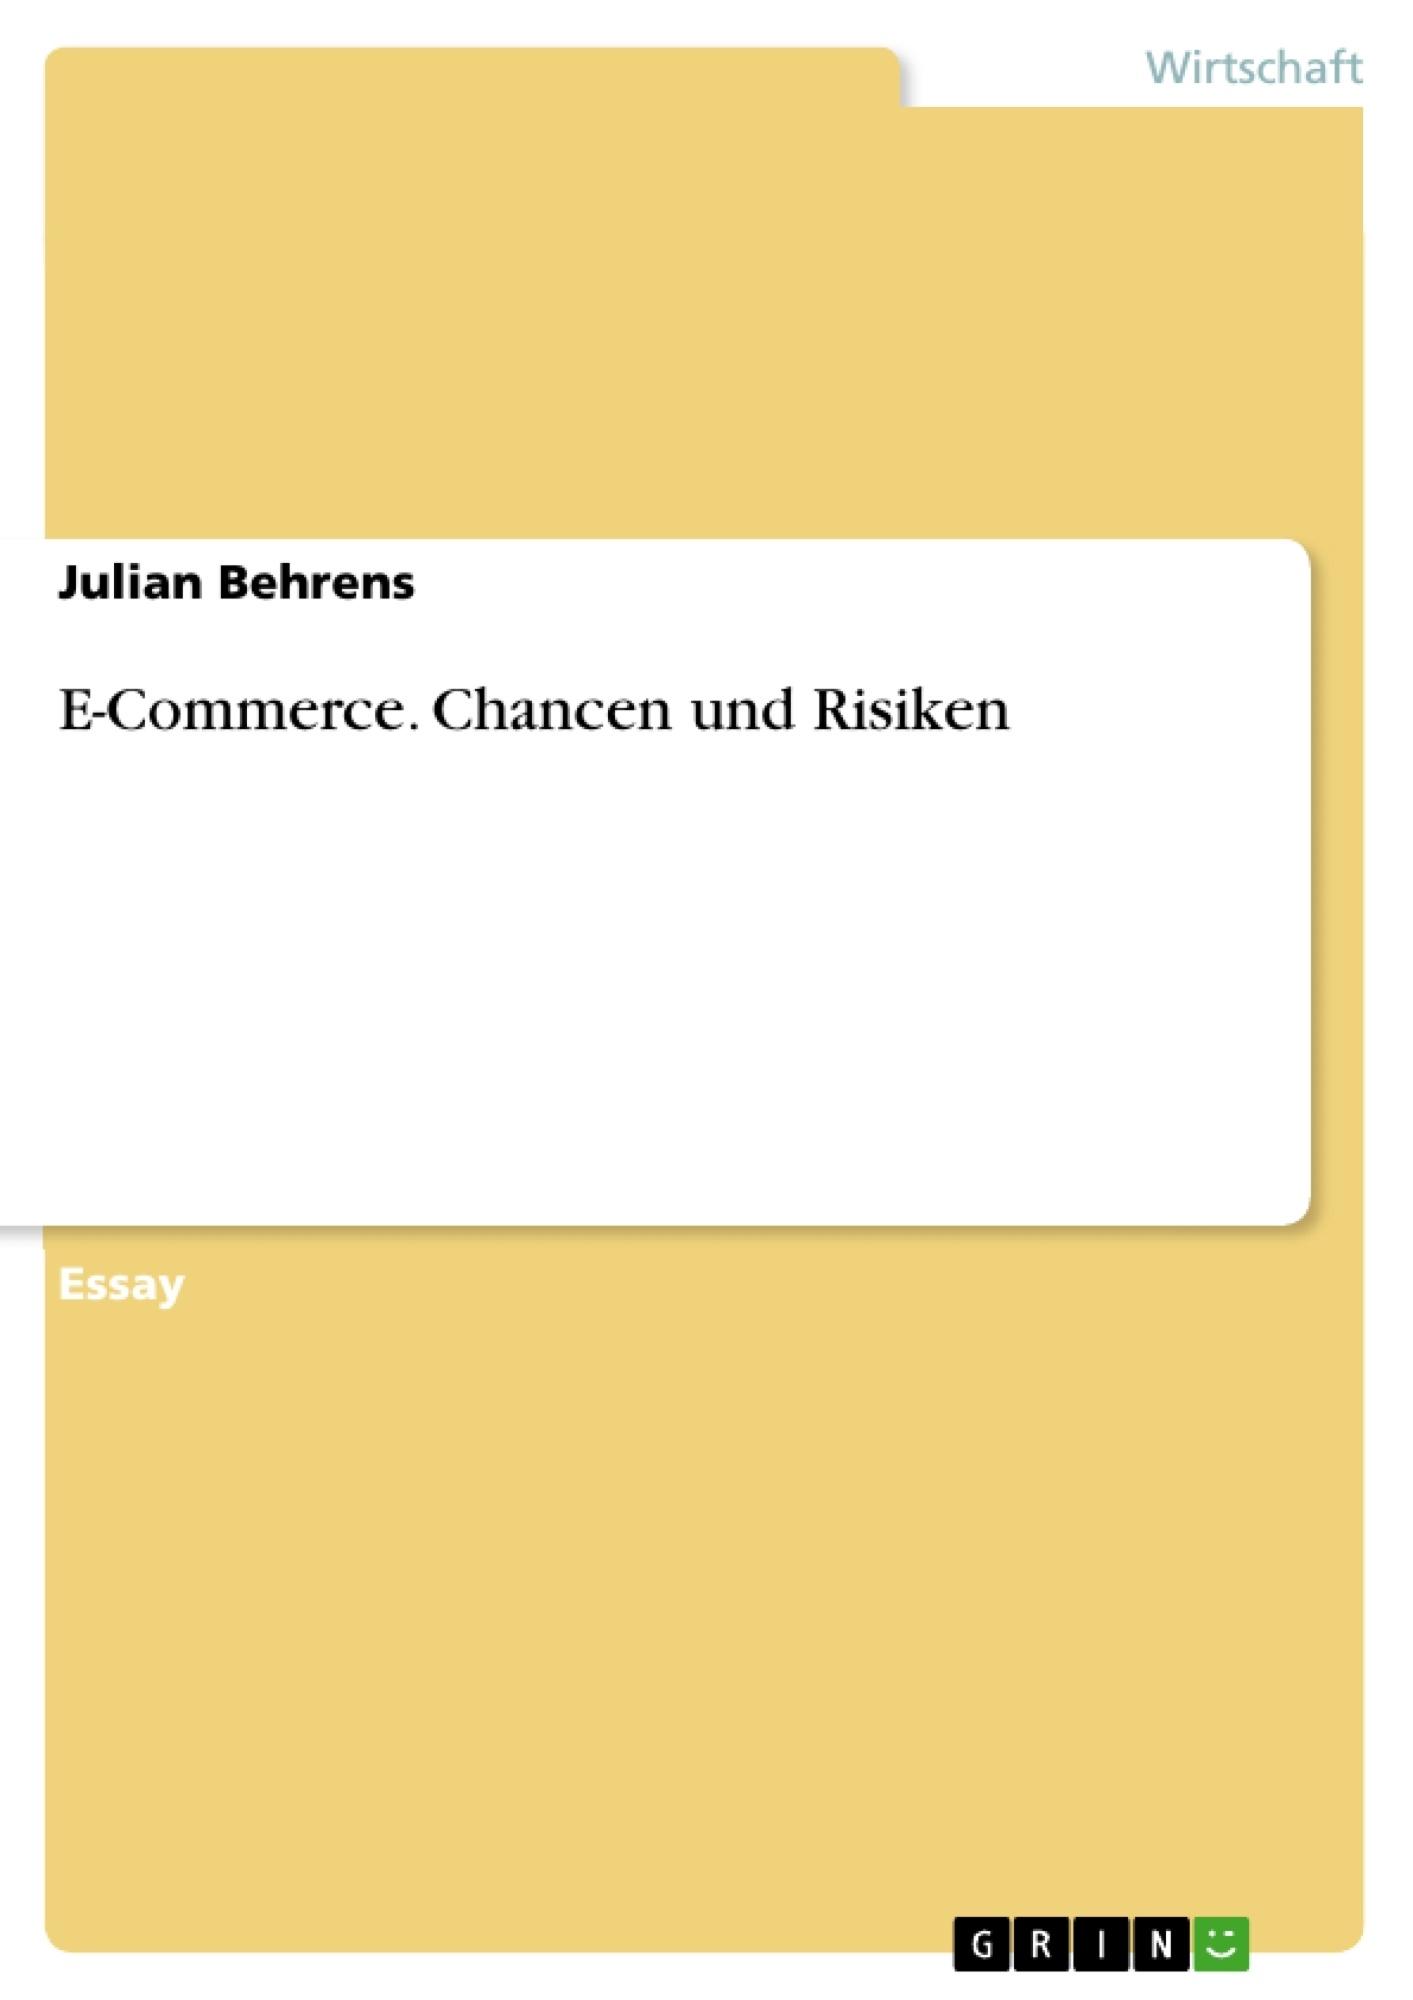 Titel: E-Commerce. Chancen und Risiken